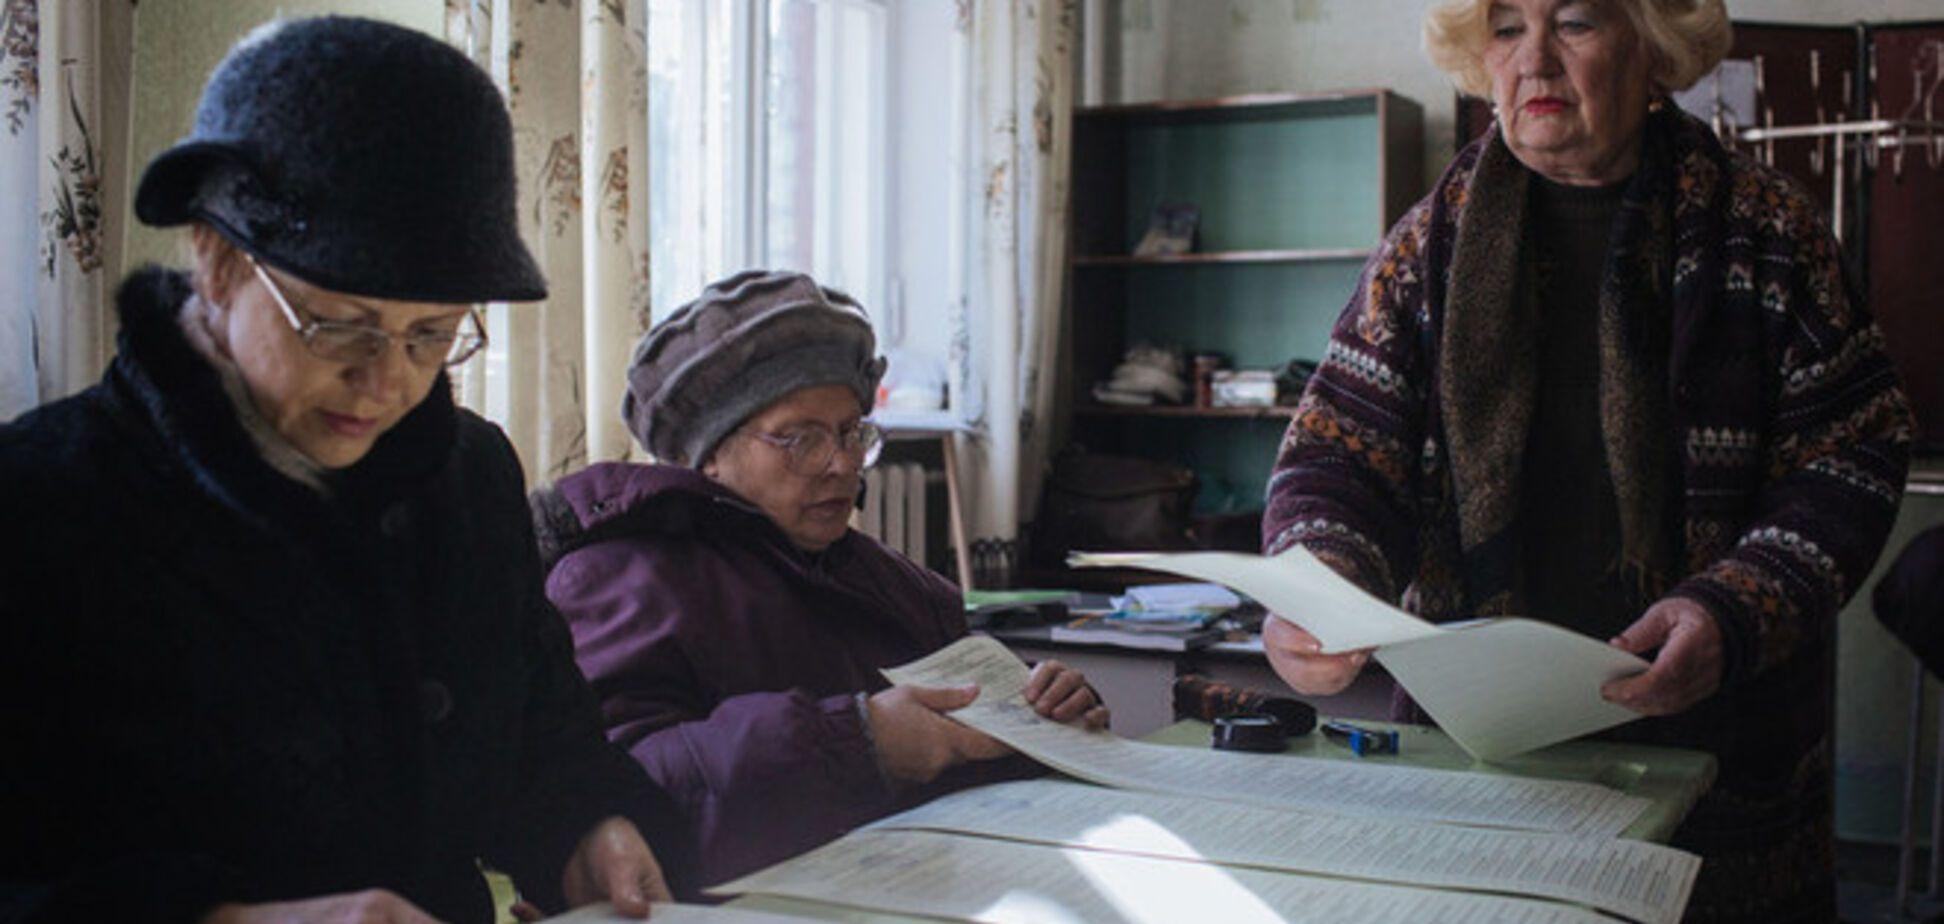 МВД зарегистрировало более 2000 сообщений о связанных с выборами нарушениях